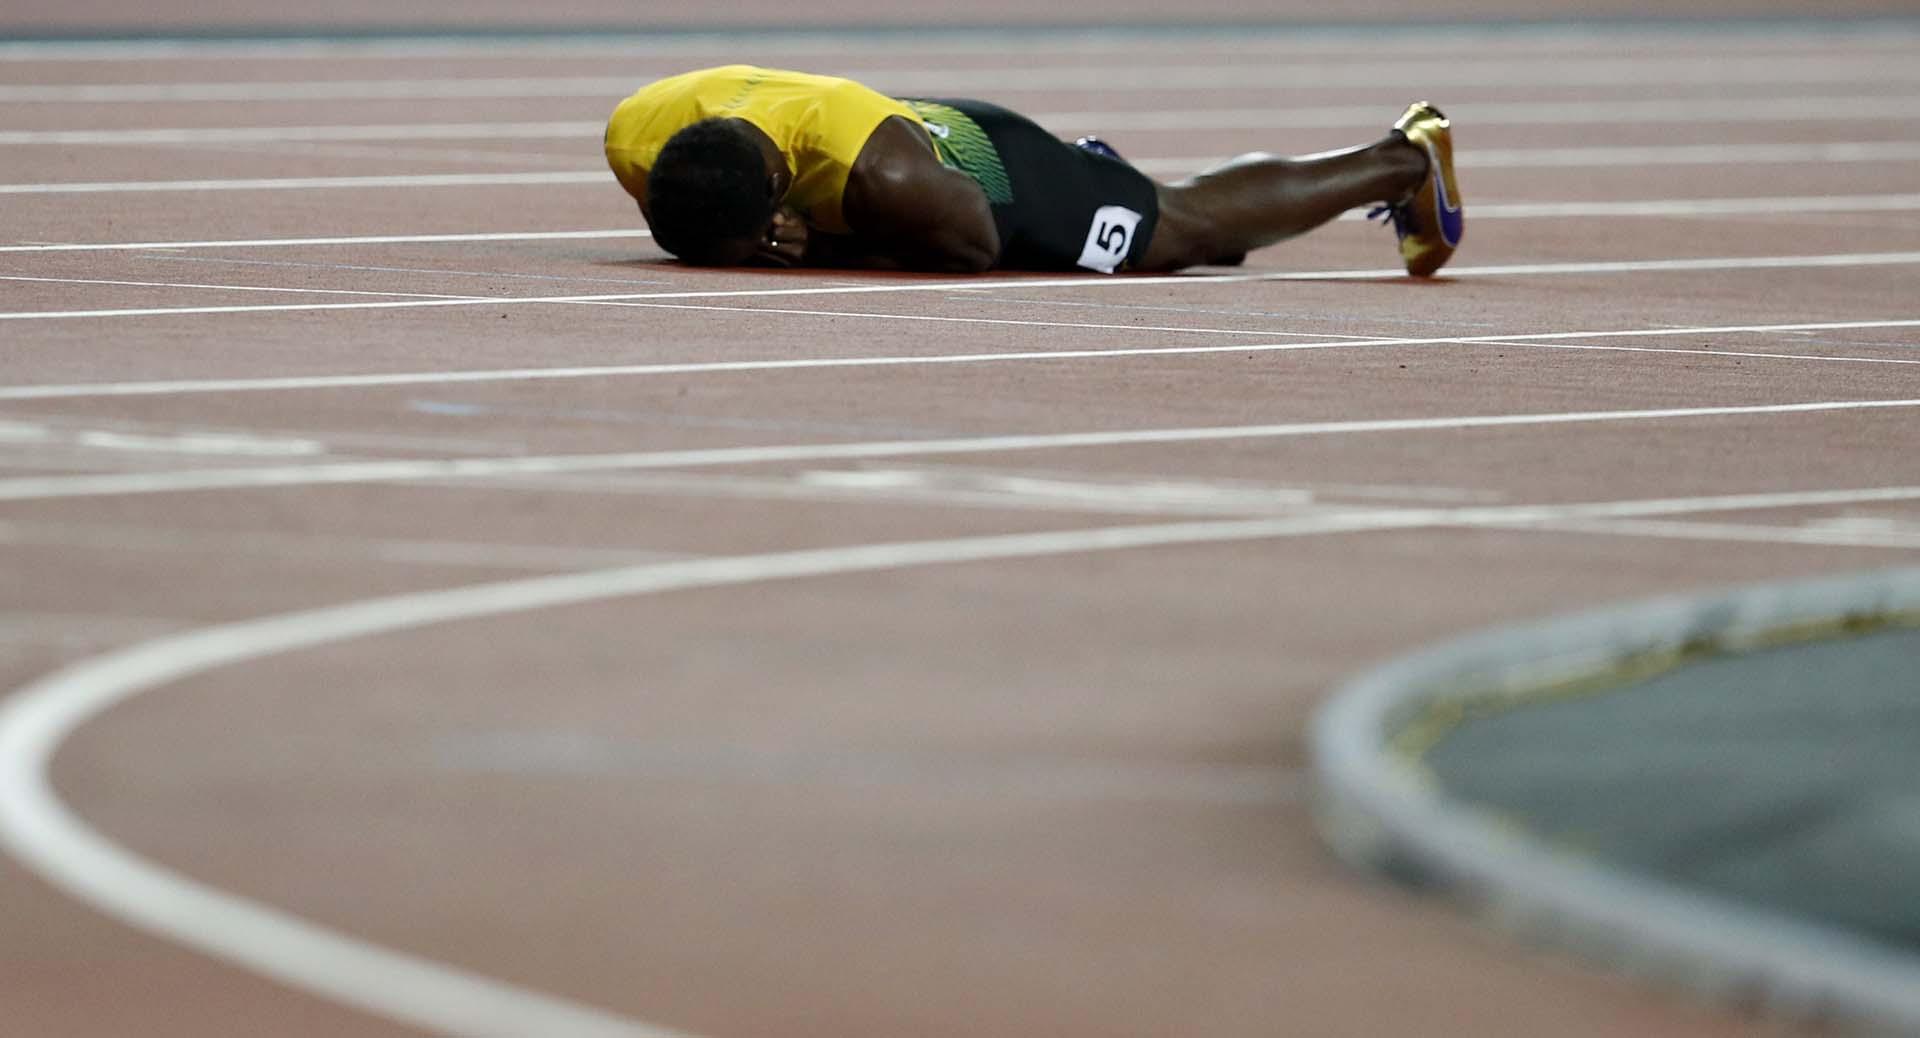 La desoladora imagen de Bolt el día que le dijo adiós al atletismo